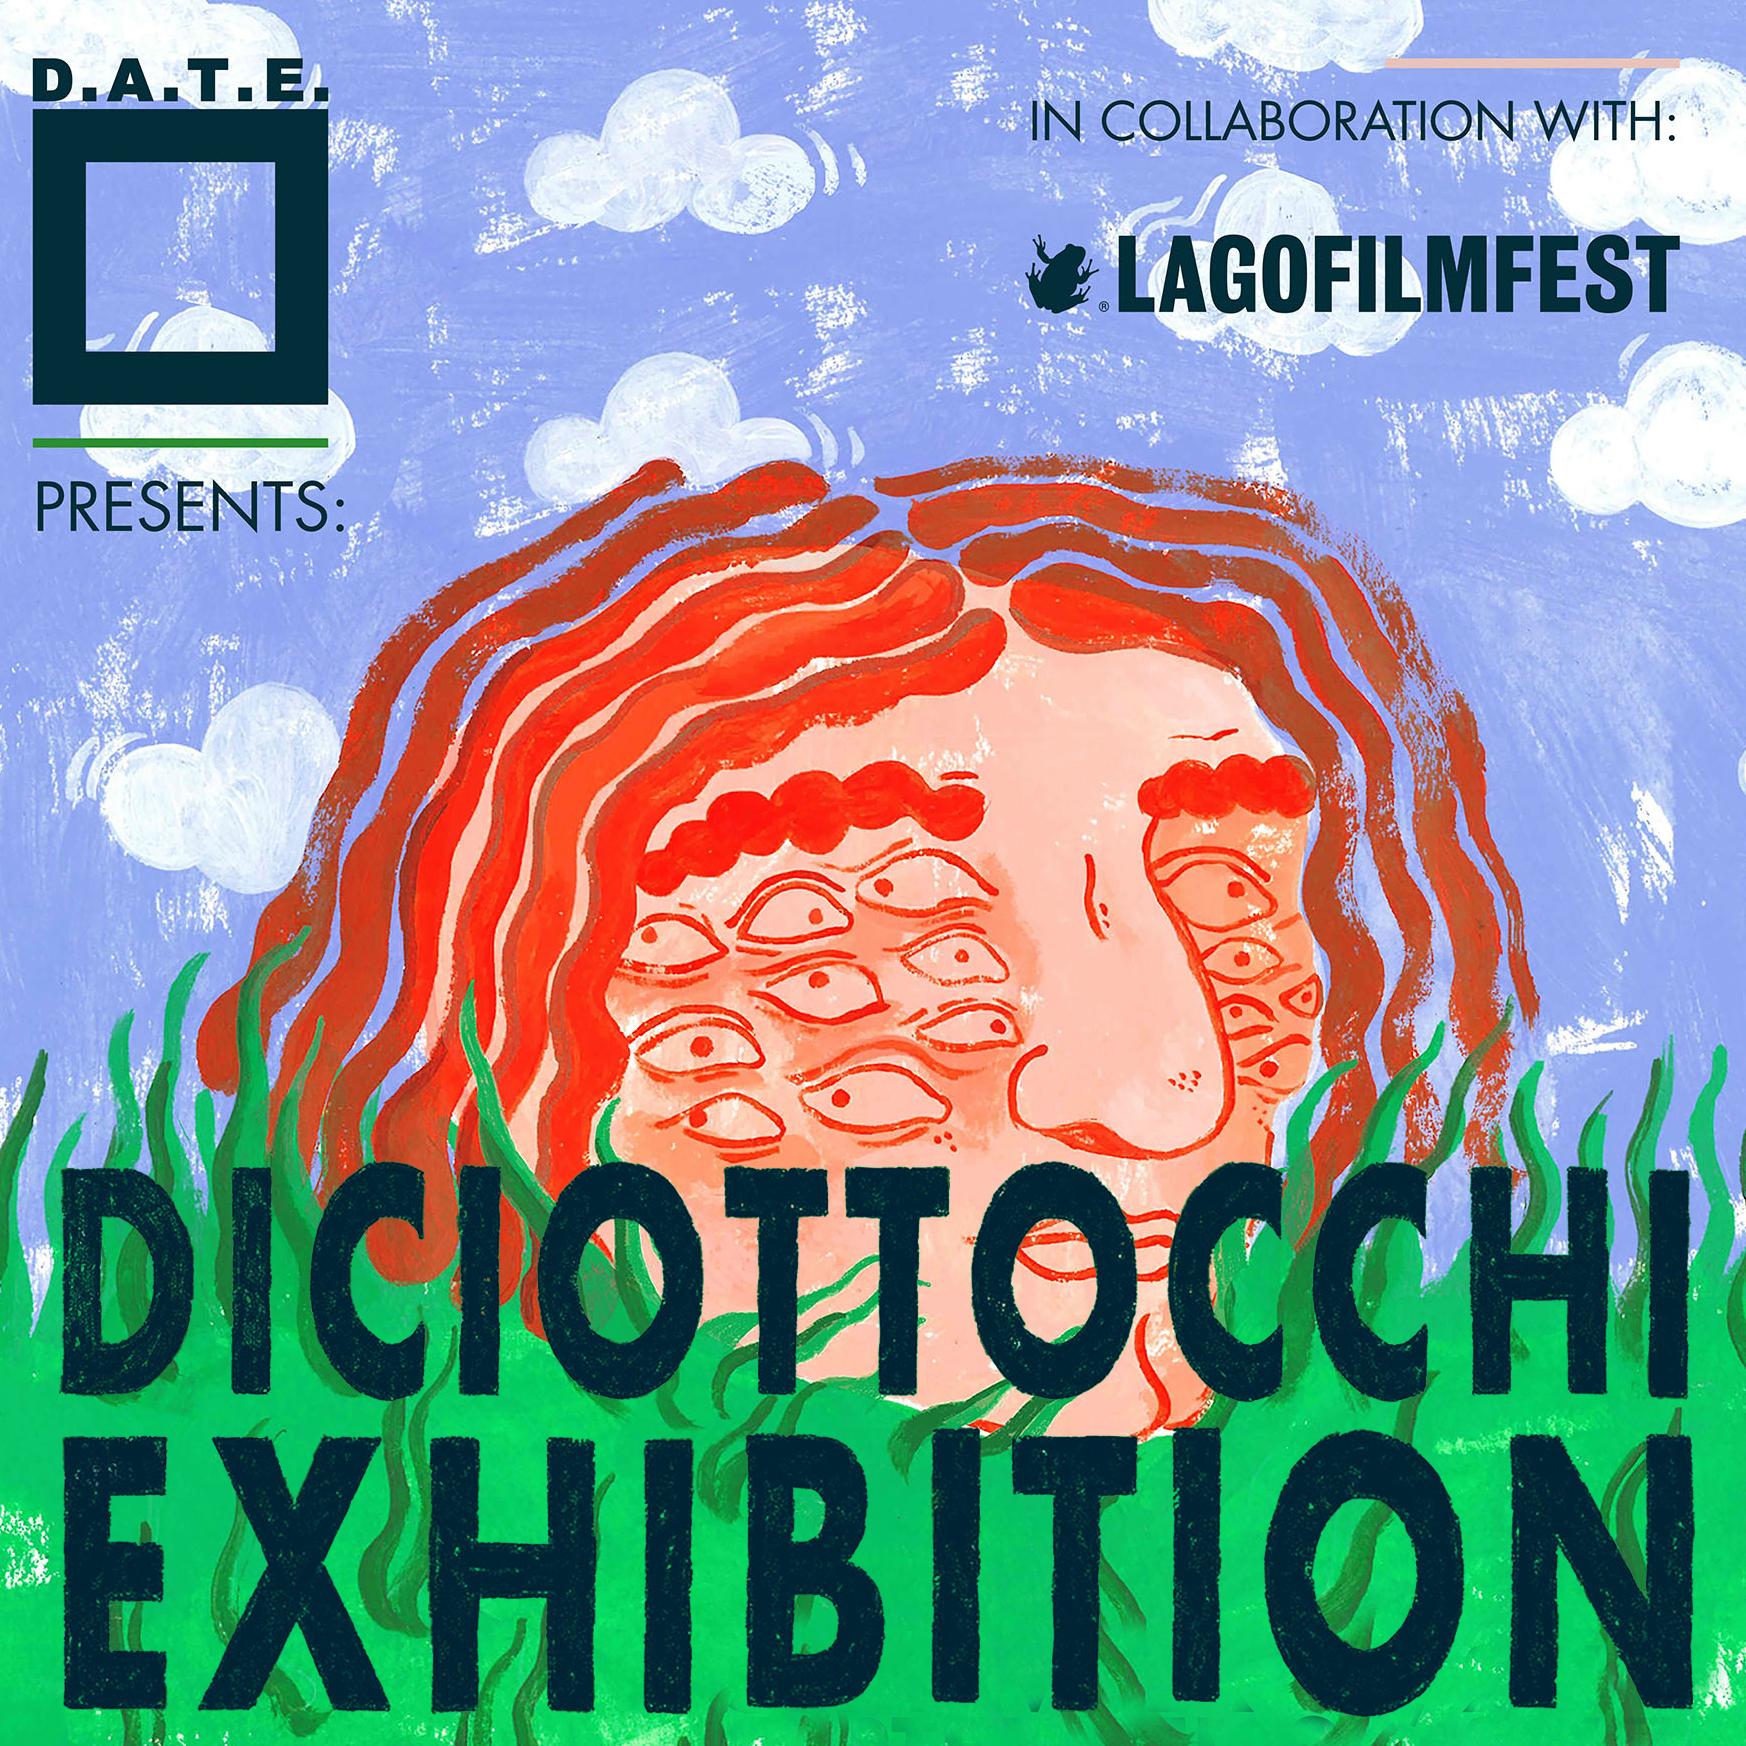 D.A.T.E. EVENT <br> *DICIOTTOCCHI EXHIBITION